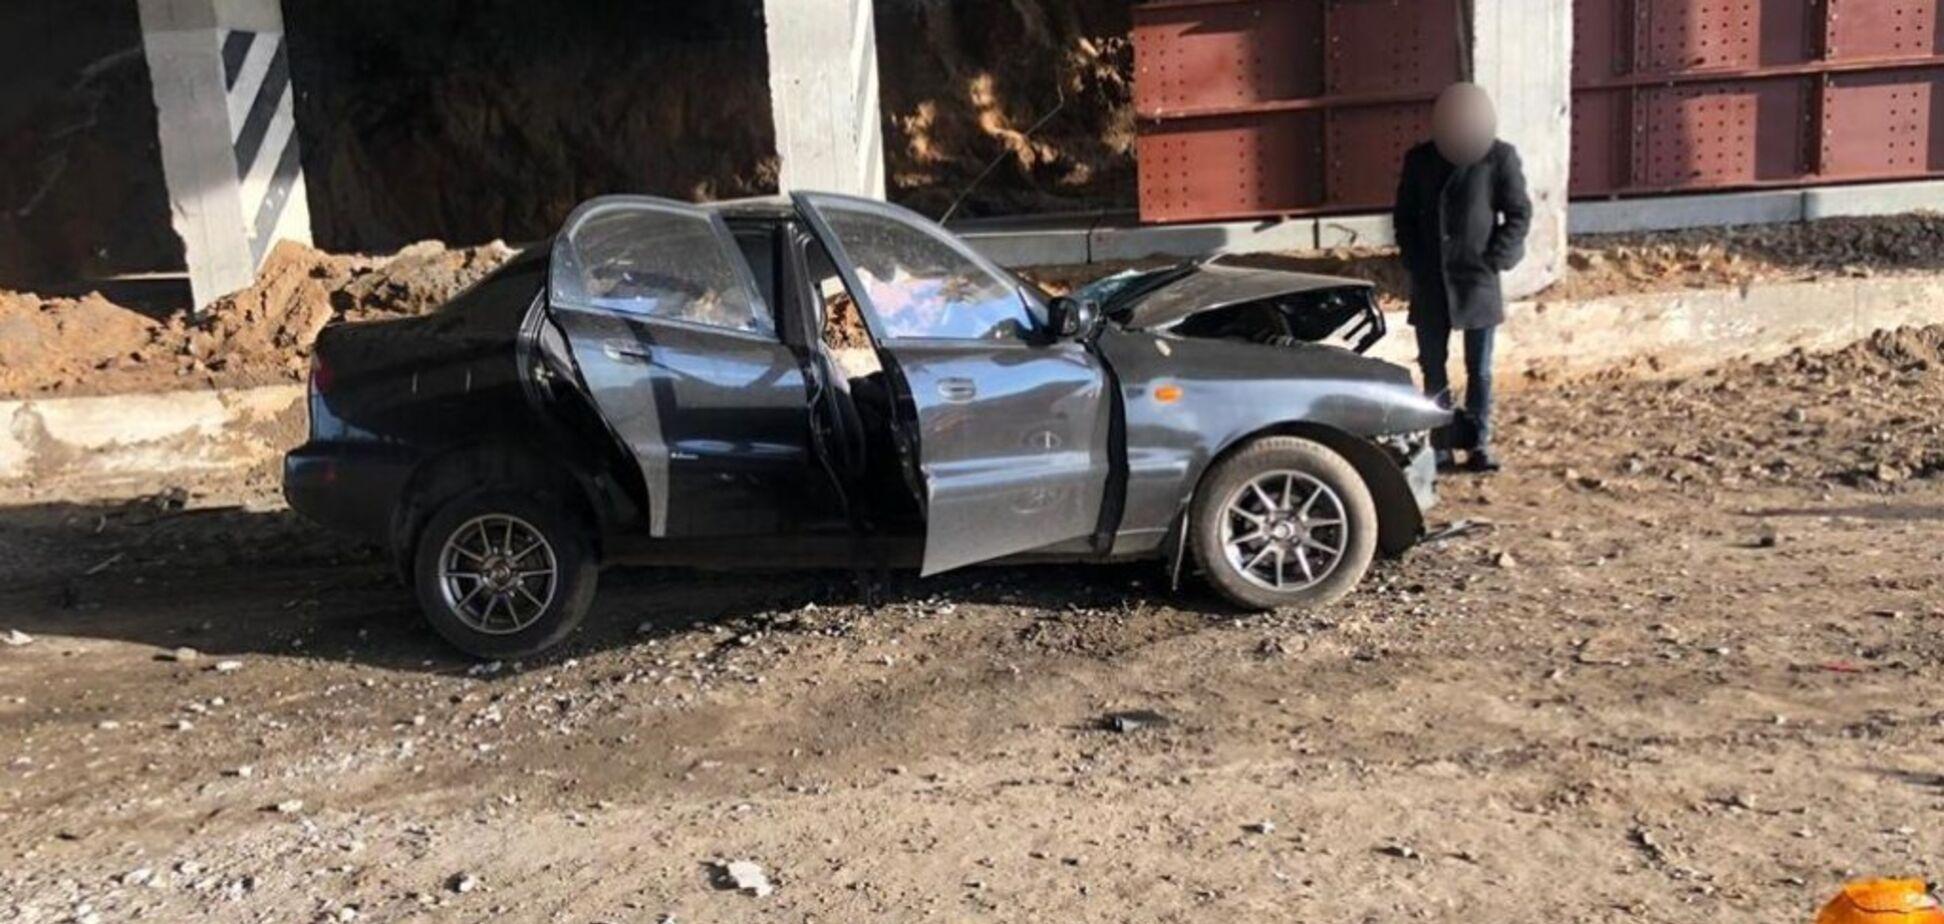 Фото з місця аварії під Харковом, де загинули полковник ДСНС і його донька